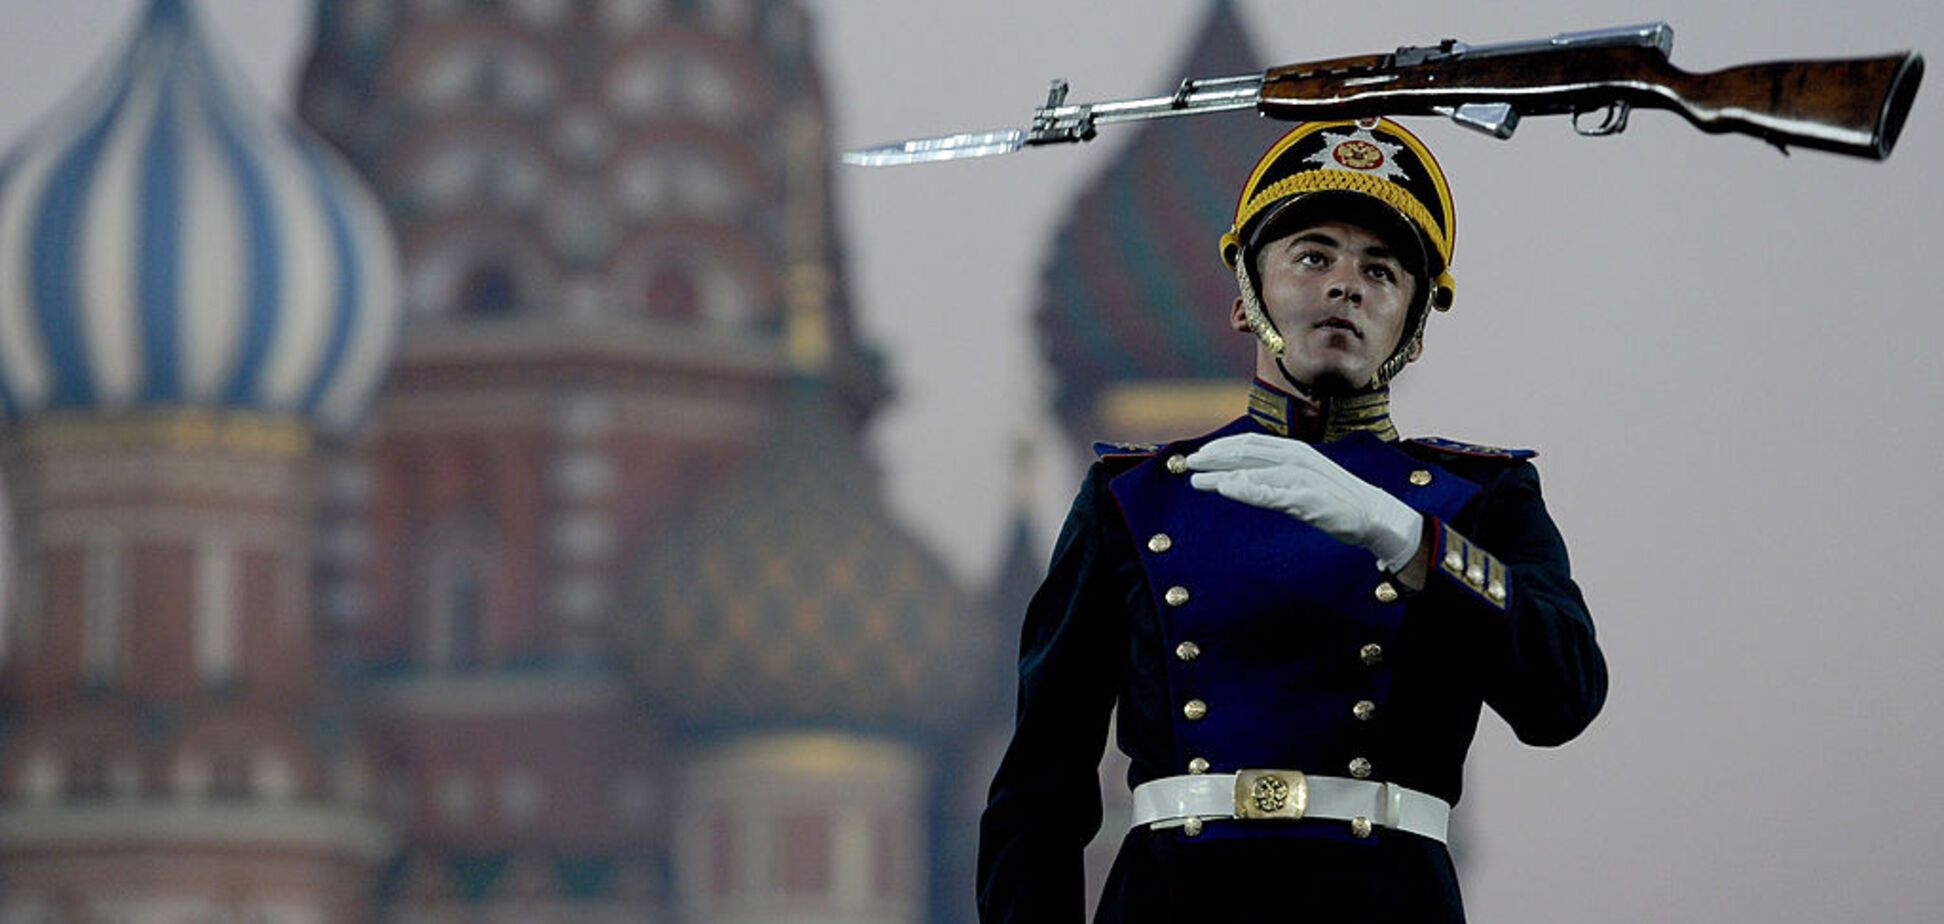 Письма из России: стрелочников стопудово наказывать не станут